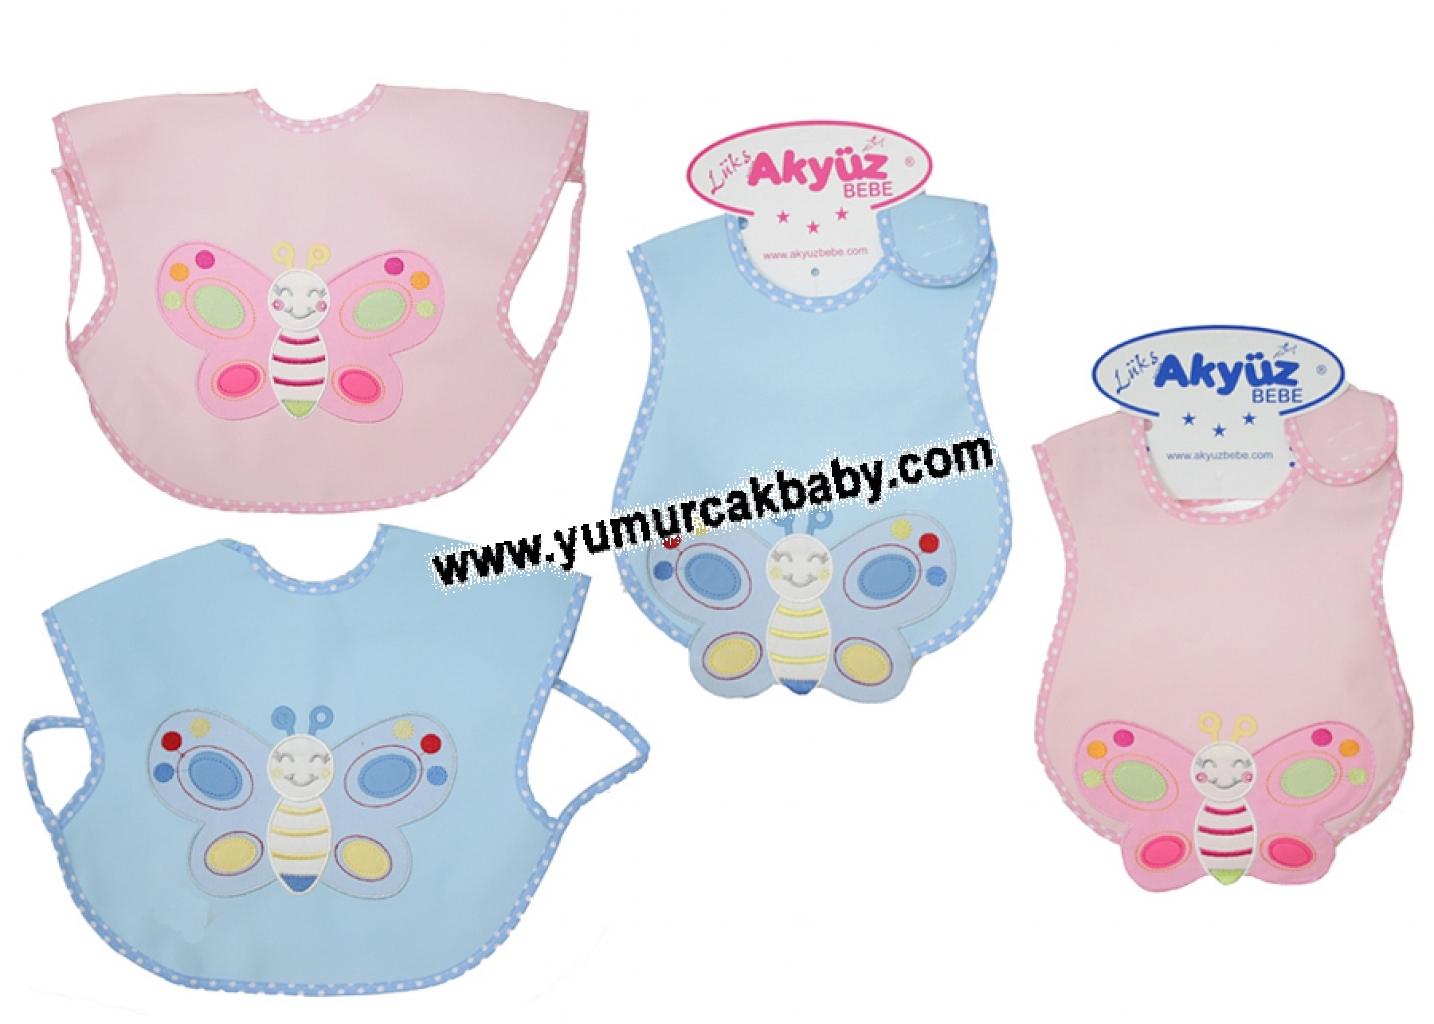 6'lı kelebek nakışlı leke tutmaz bebe önlük 055